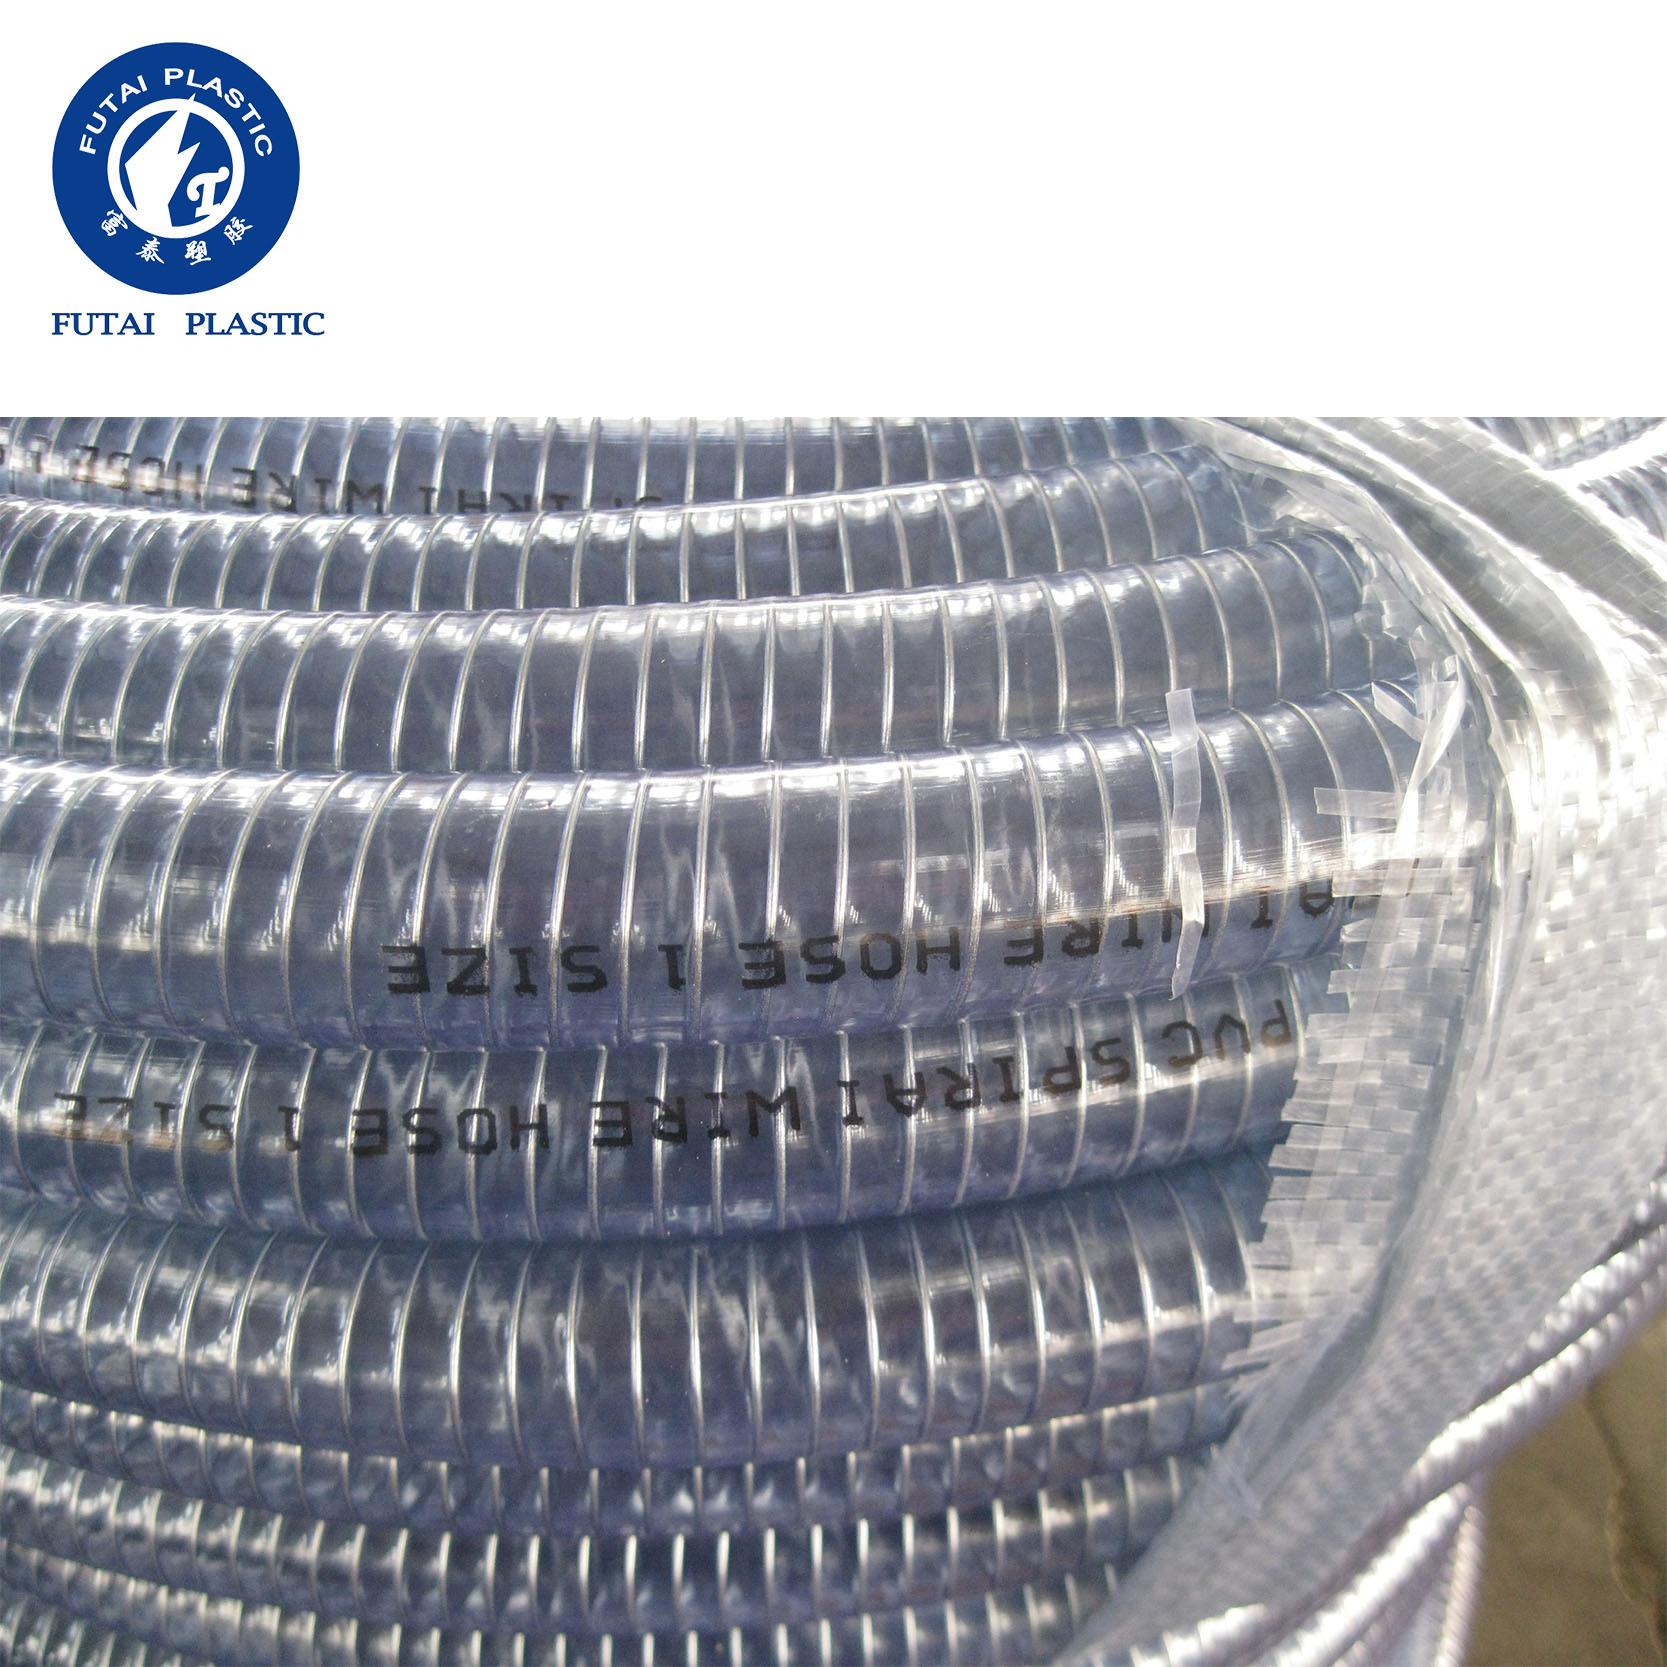 供应 透明管  花园管钢丝管塑料软管大口径钢丝软管